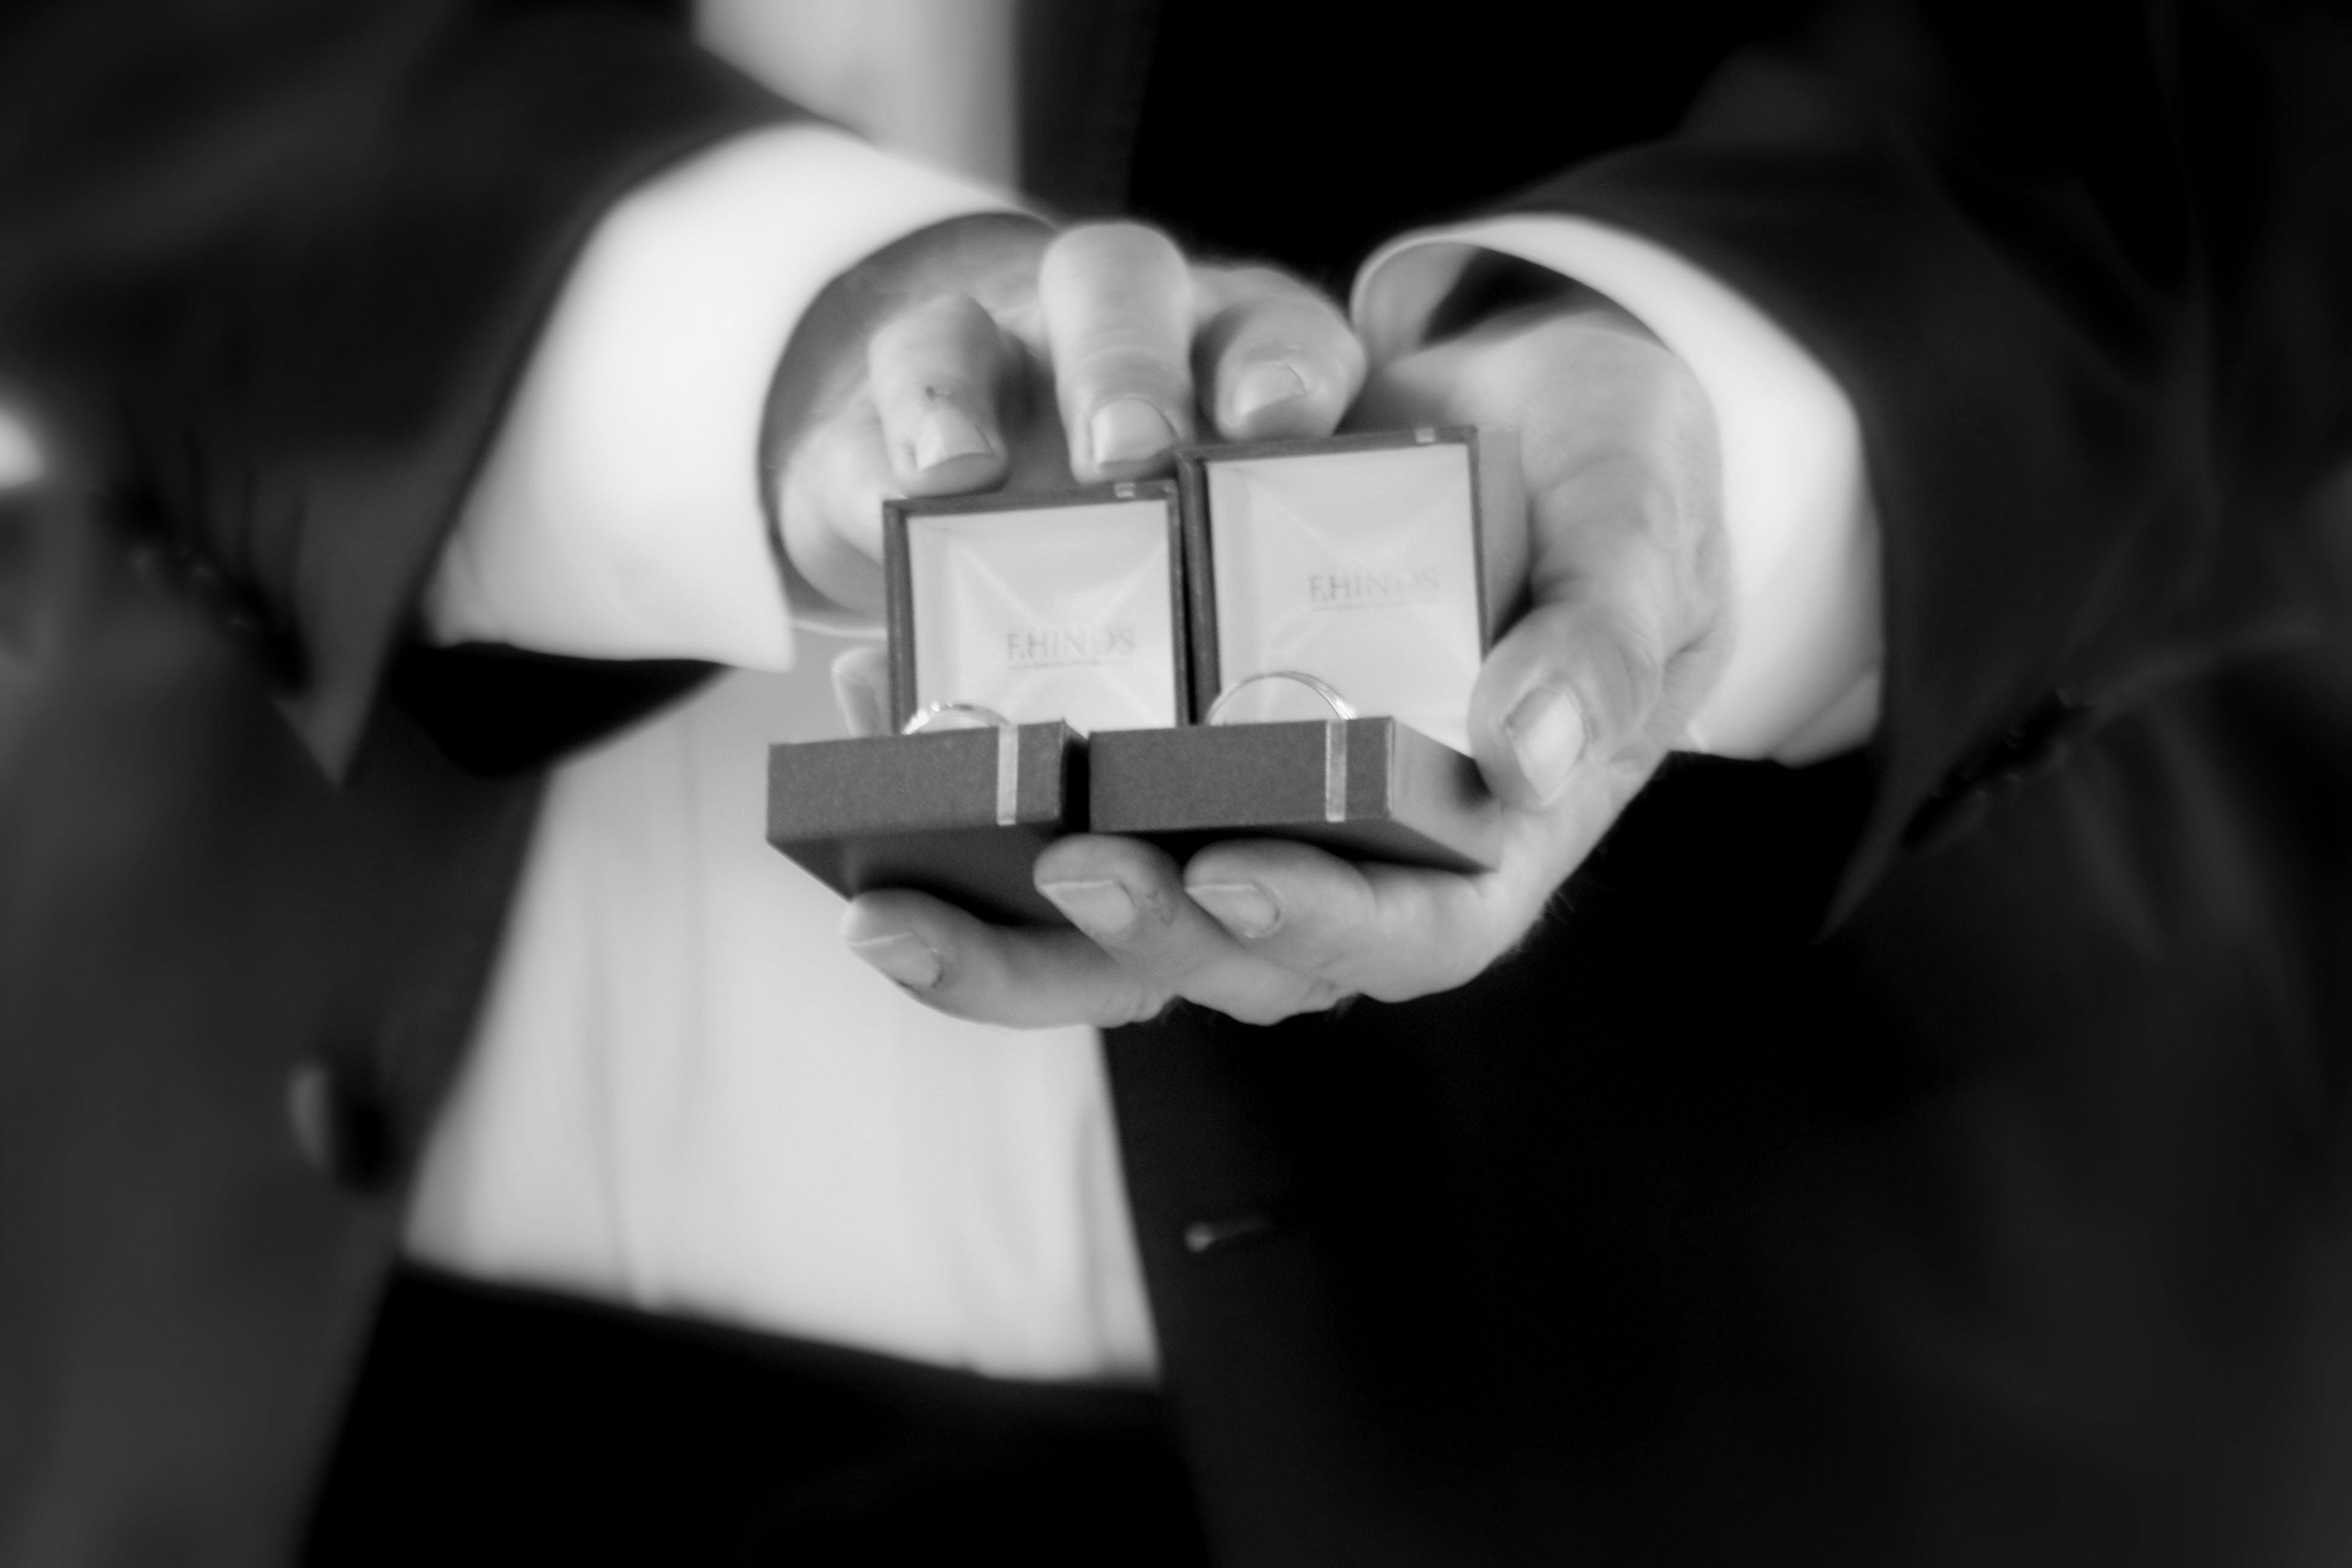 Fotos de stock gratuitas de adentro, adulto, amor, anillos de boda